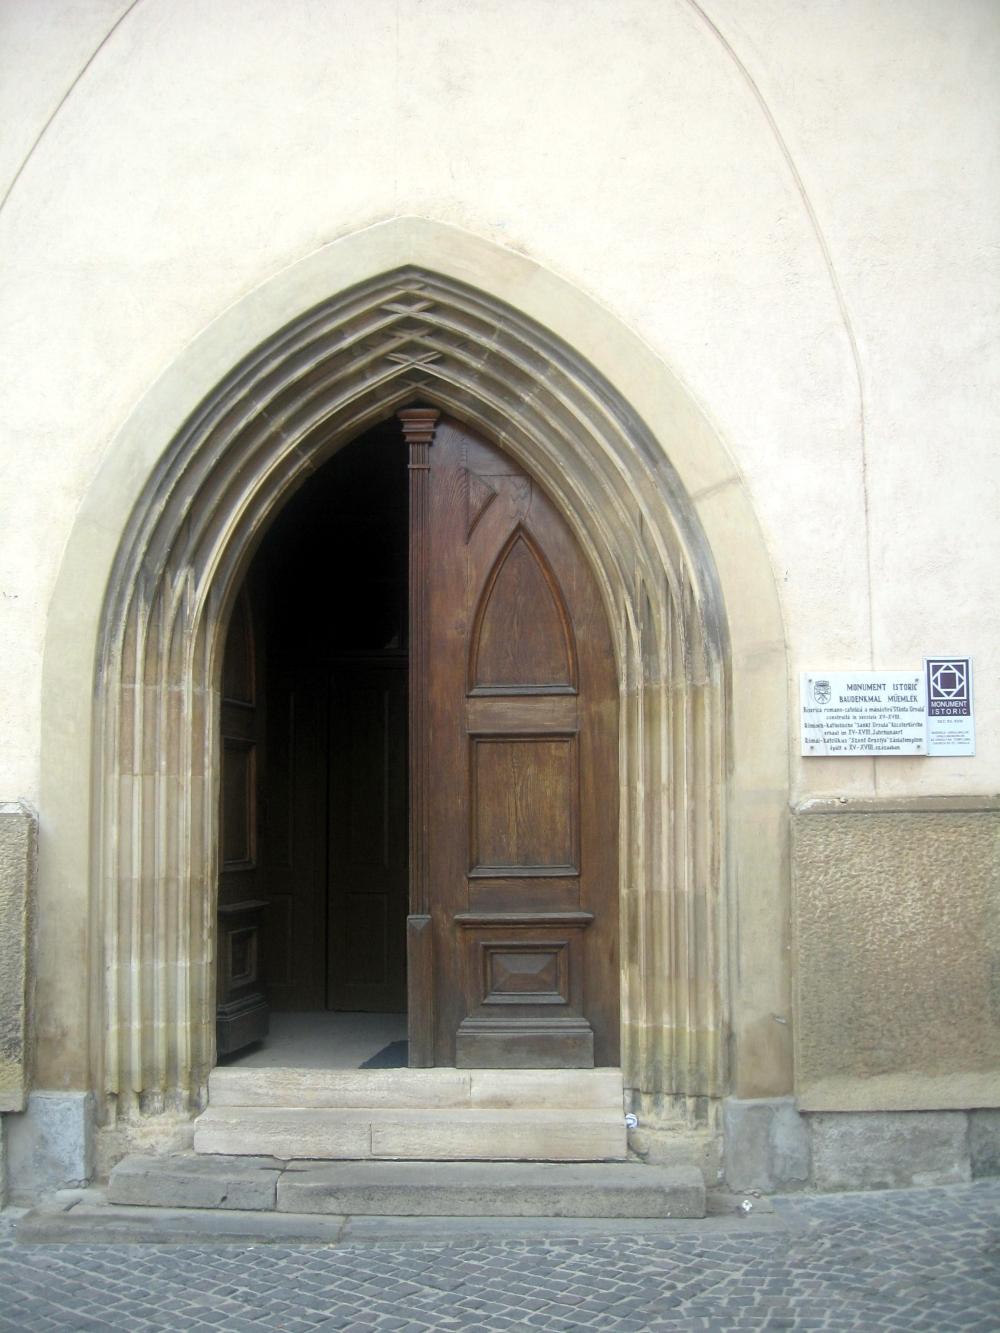 Legenda tunelurilor de sub Biserica Ursulinelor